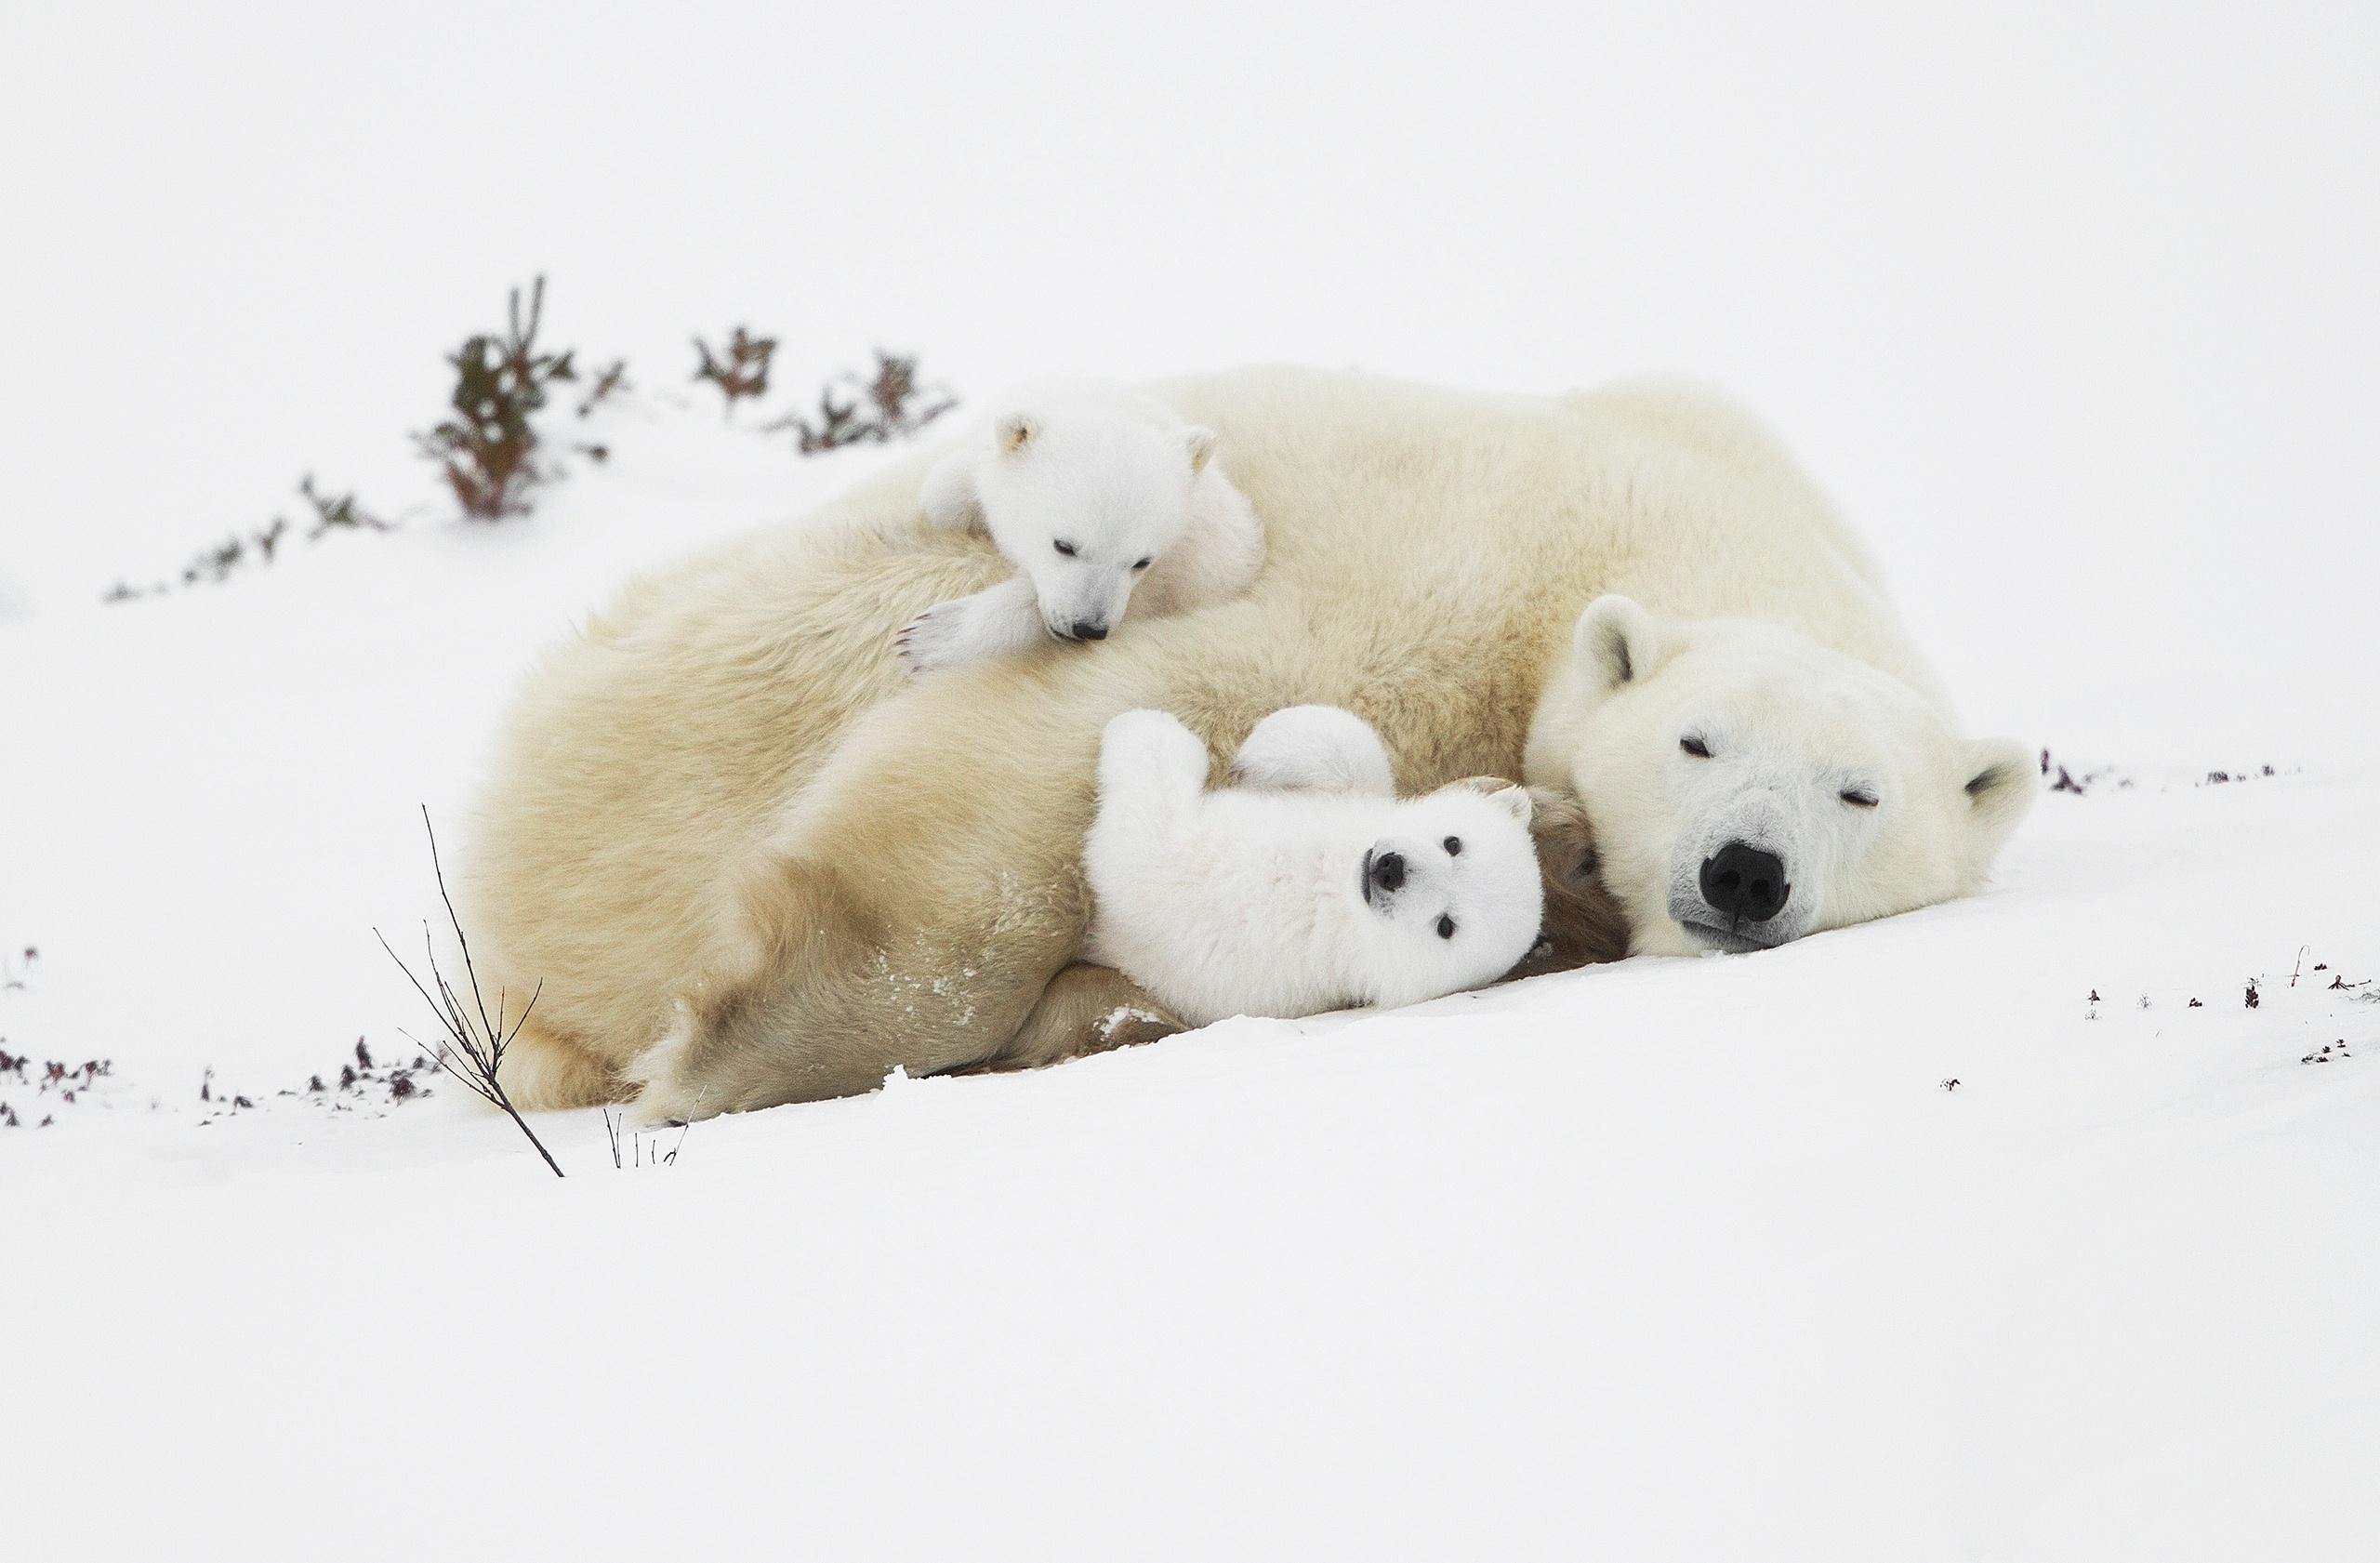 парень фото белой медведицы с медвежонком одну или